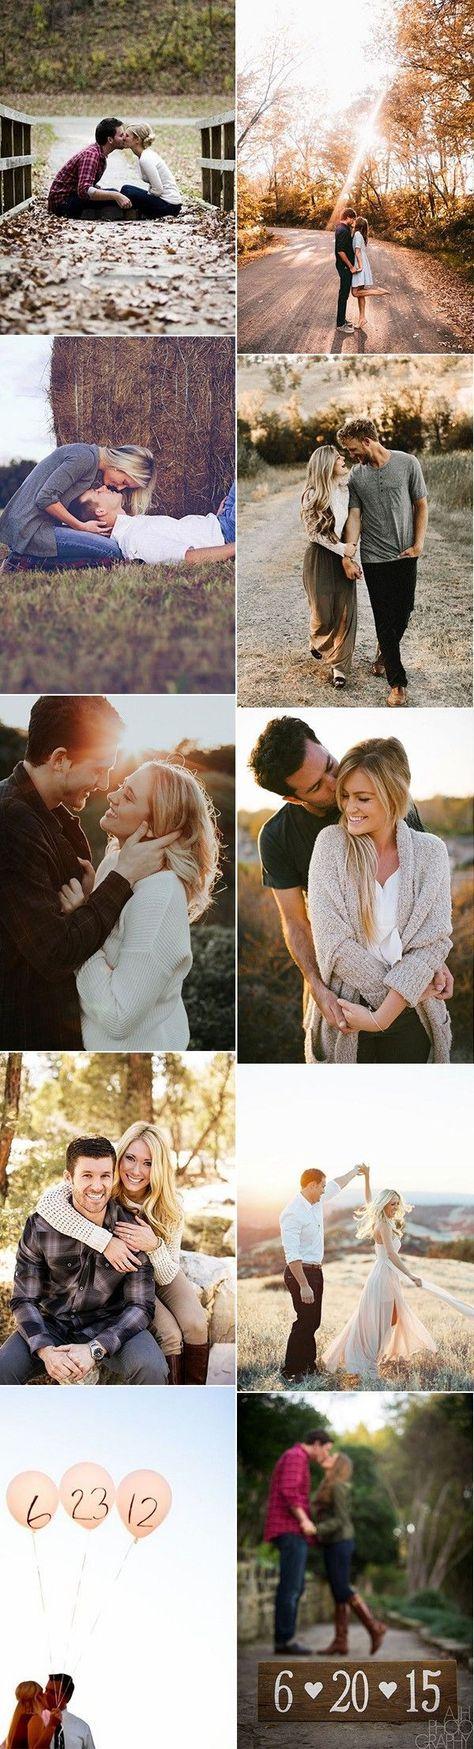 romantische Verlobung Foto Pose Ideen #weddingphotos #engagementphotos #weddingph ... #engagementphotos #ideen #romantische #verlobung #weddingph #weddingphotos